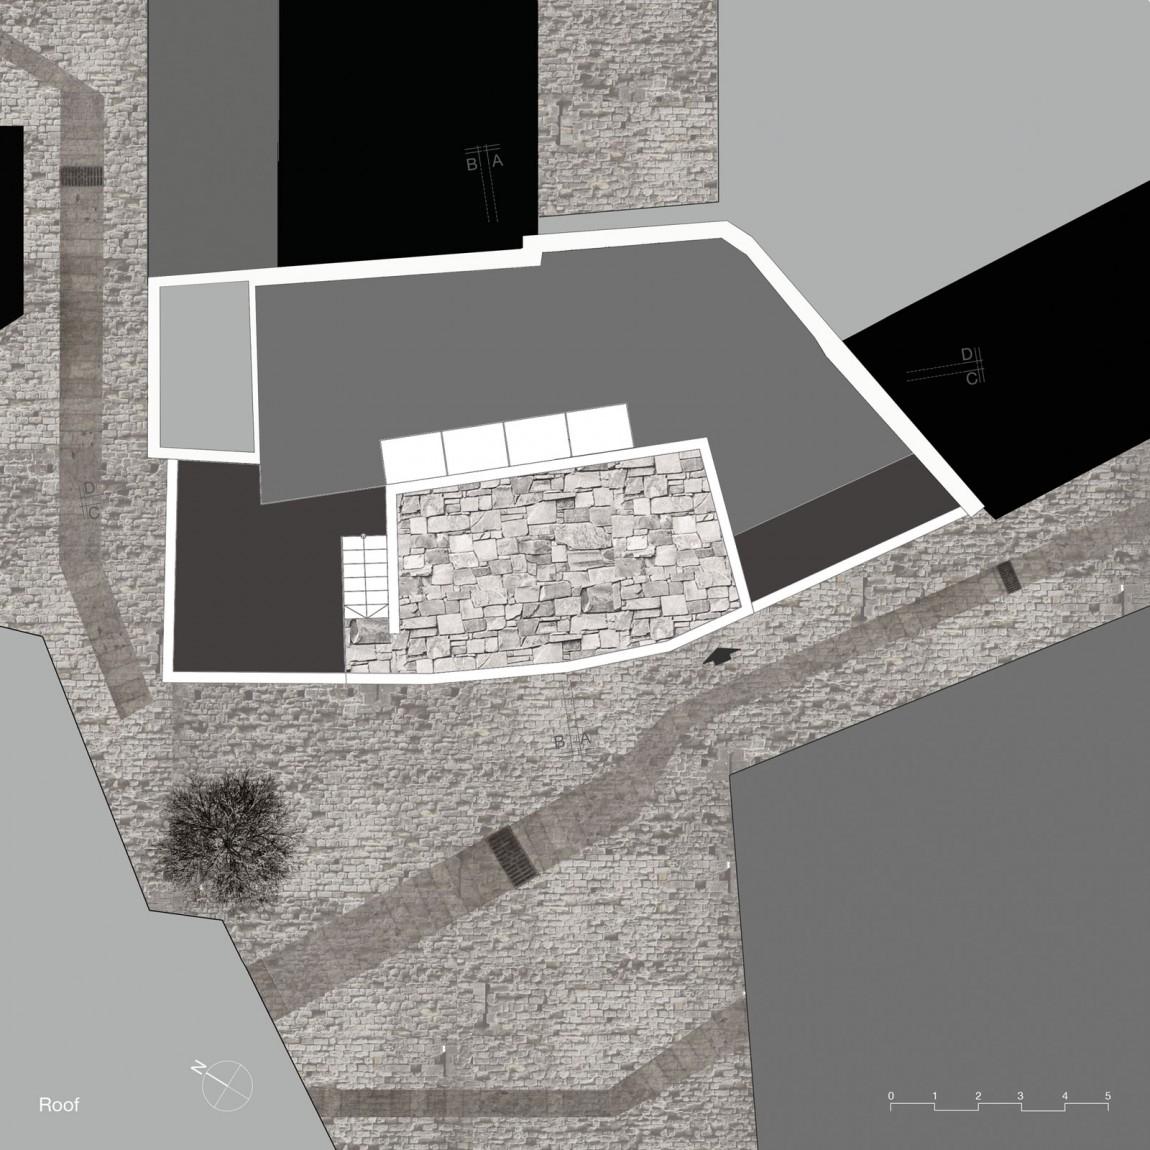 kamena-kuca-by-henkin-shavit-architecture-26